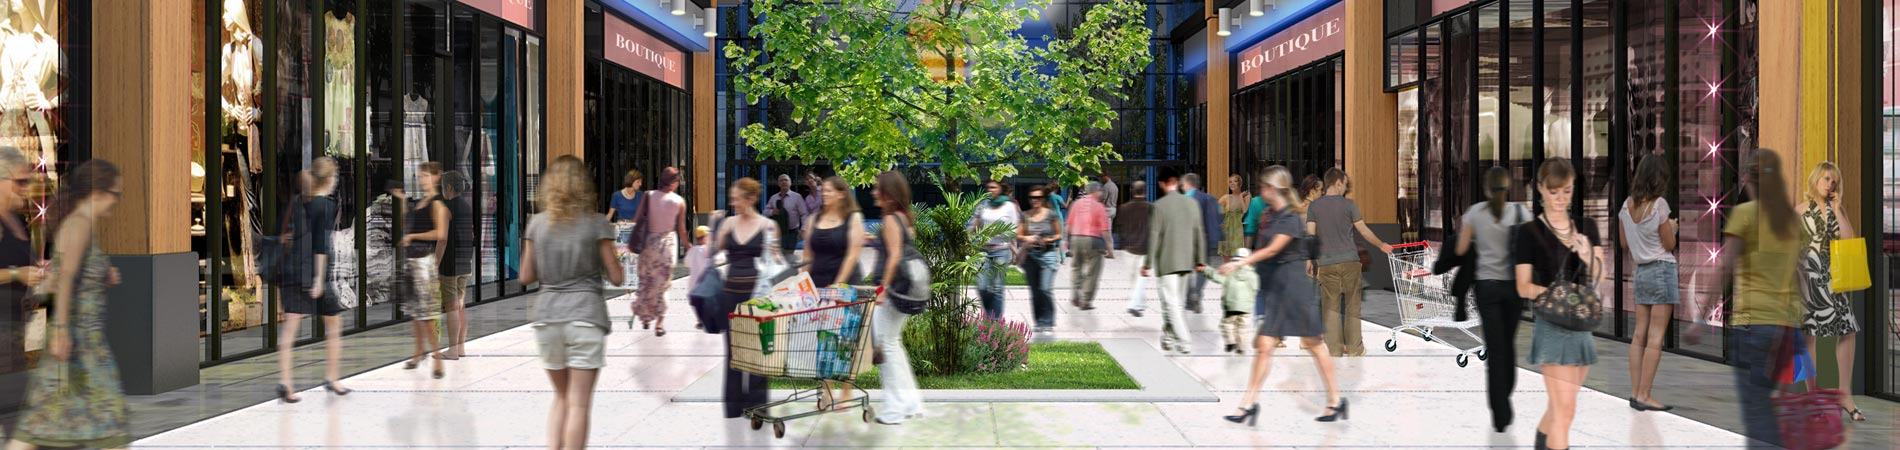 Tempo le Centre - Centre commercial E.leclerc à Pau